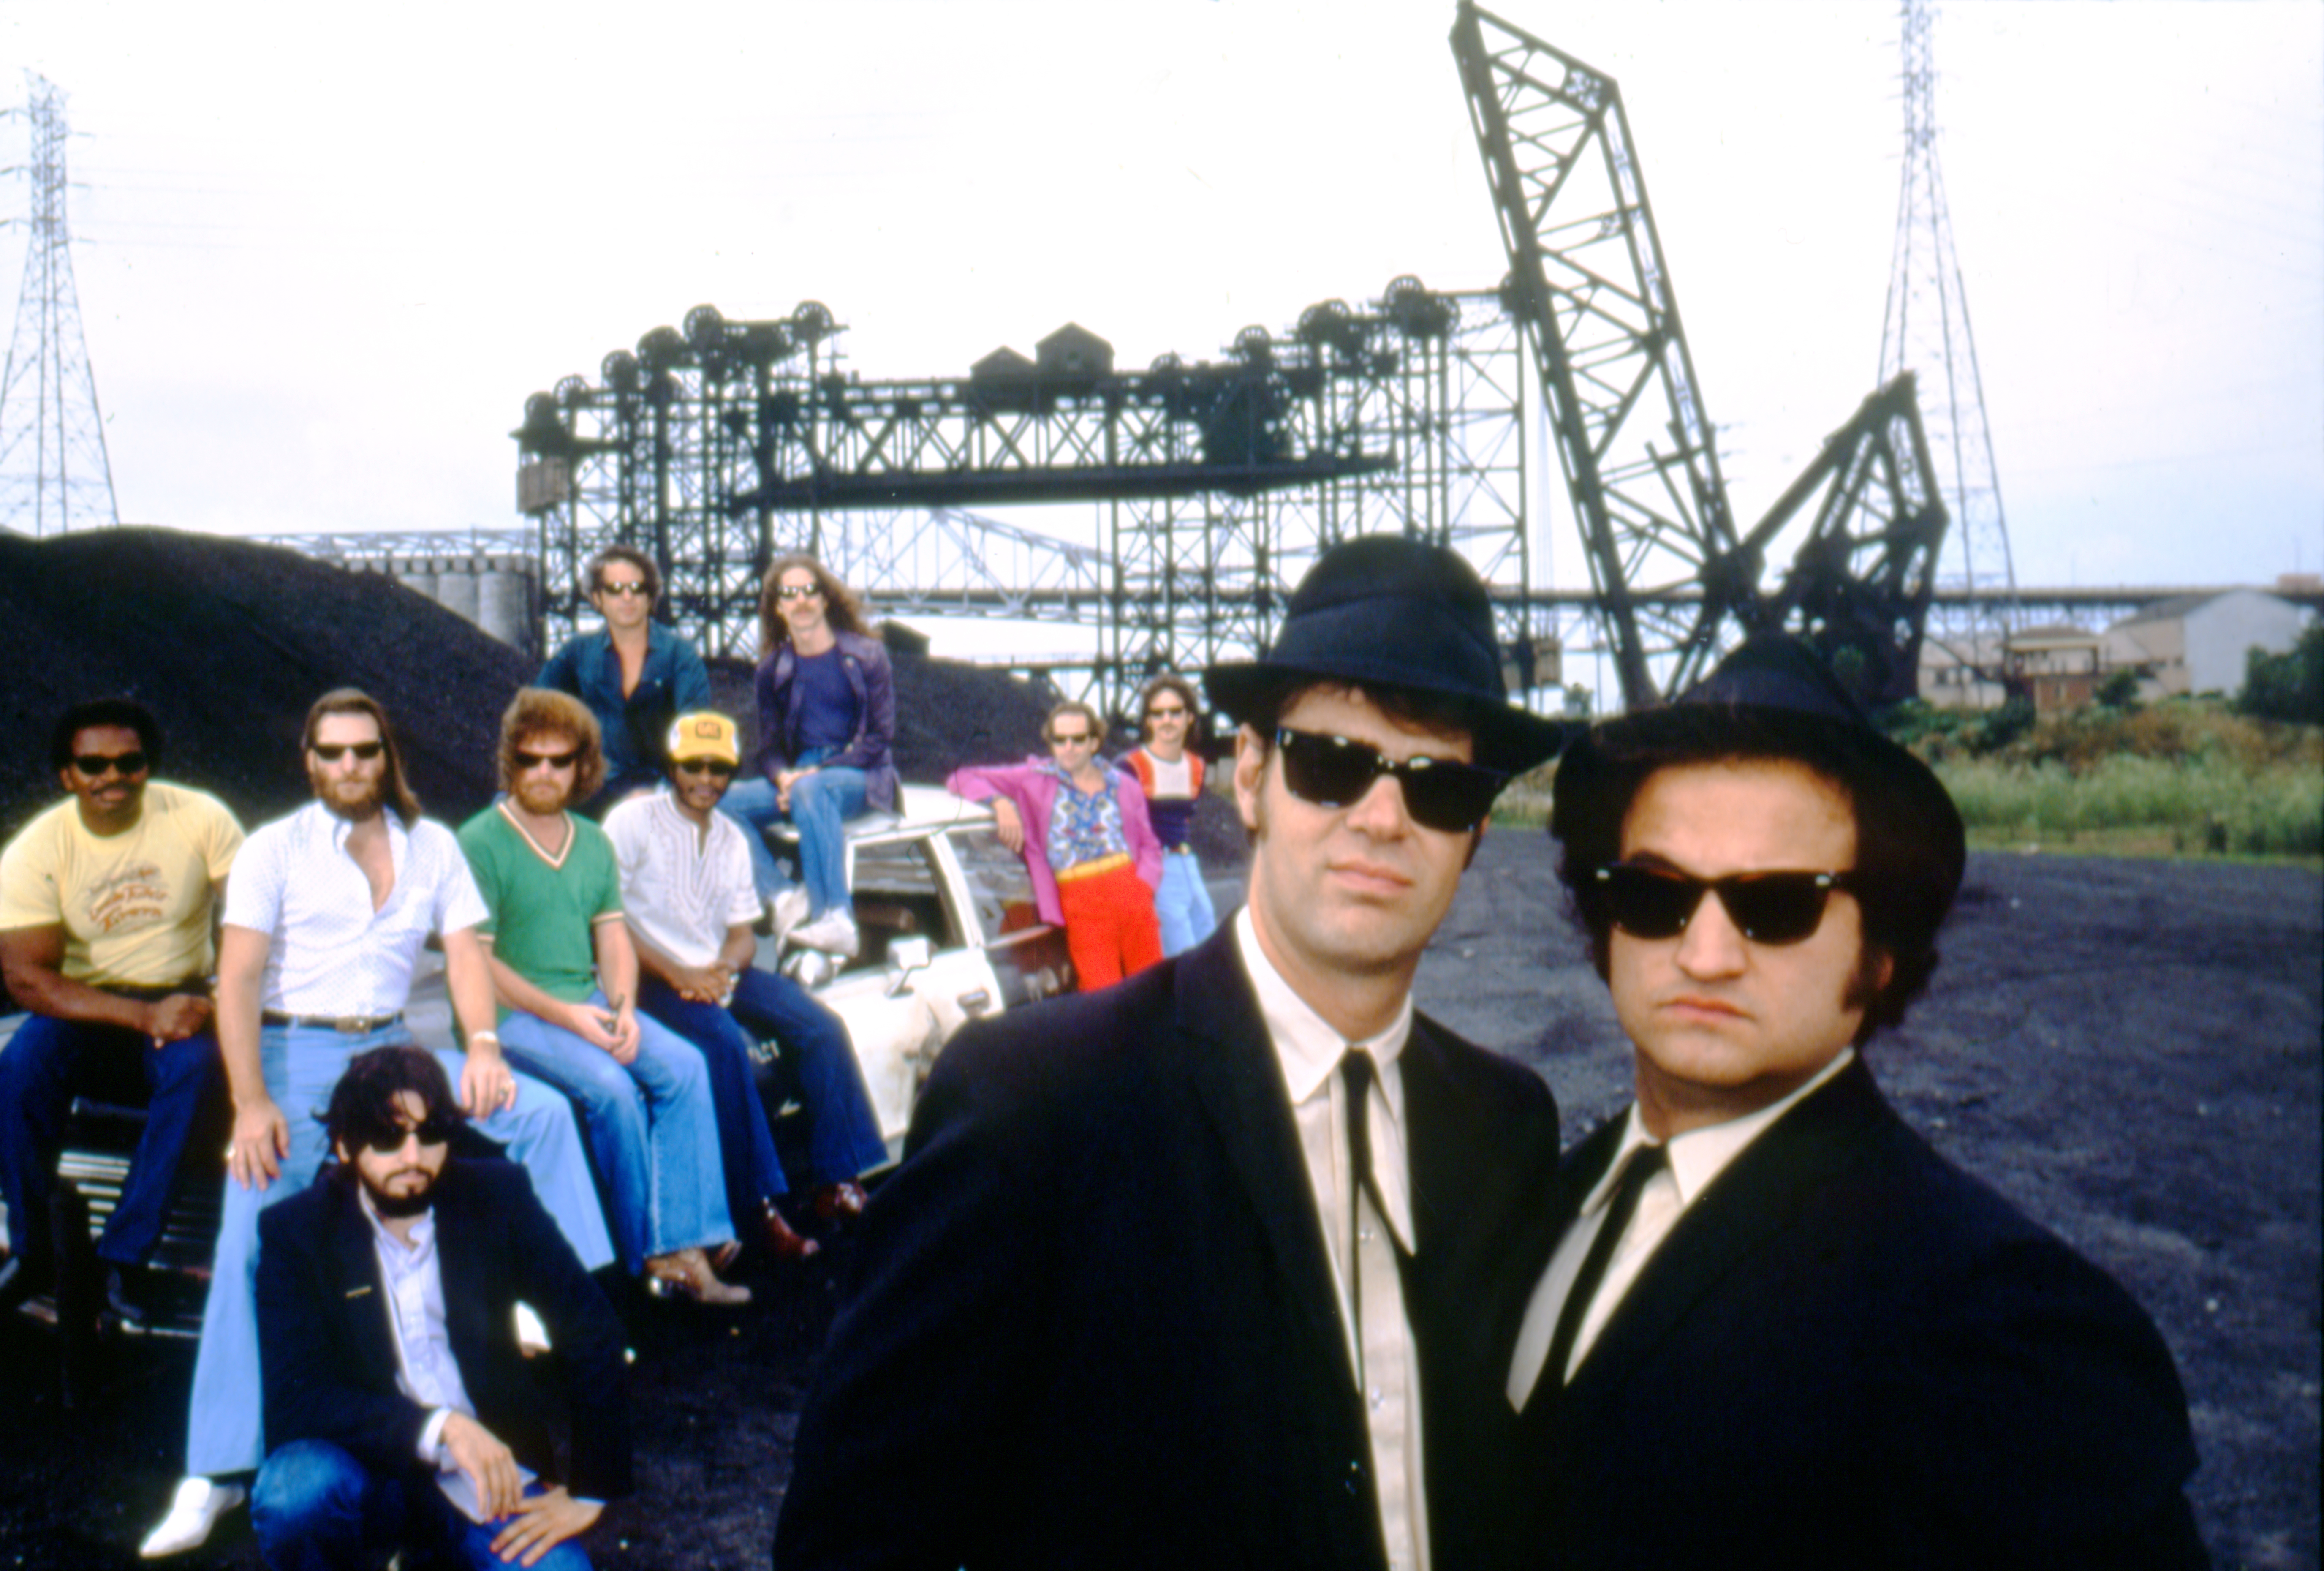 John Landis Dan Aykroyd Talk John Belushi Frantic Blues Brothers Shoot As Film Turns 40